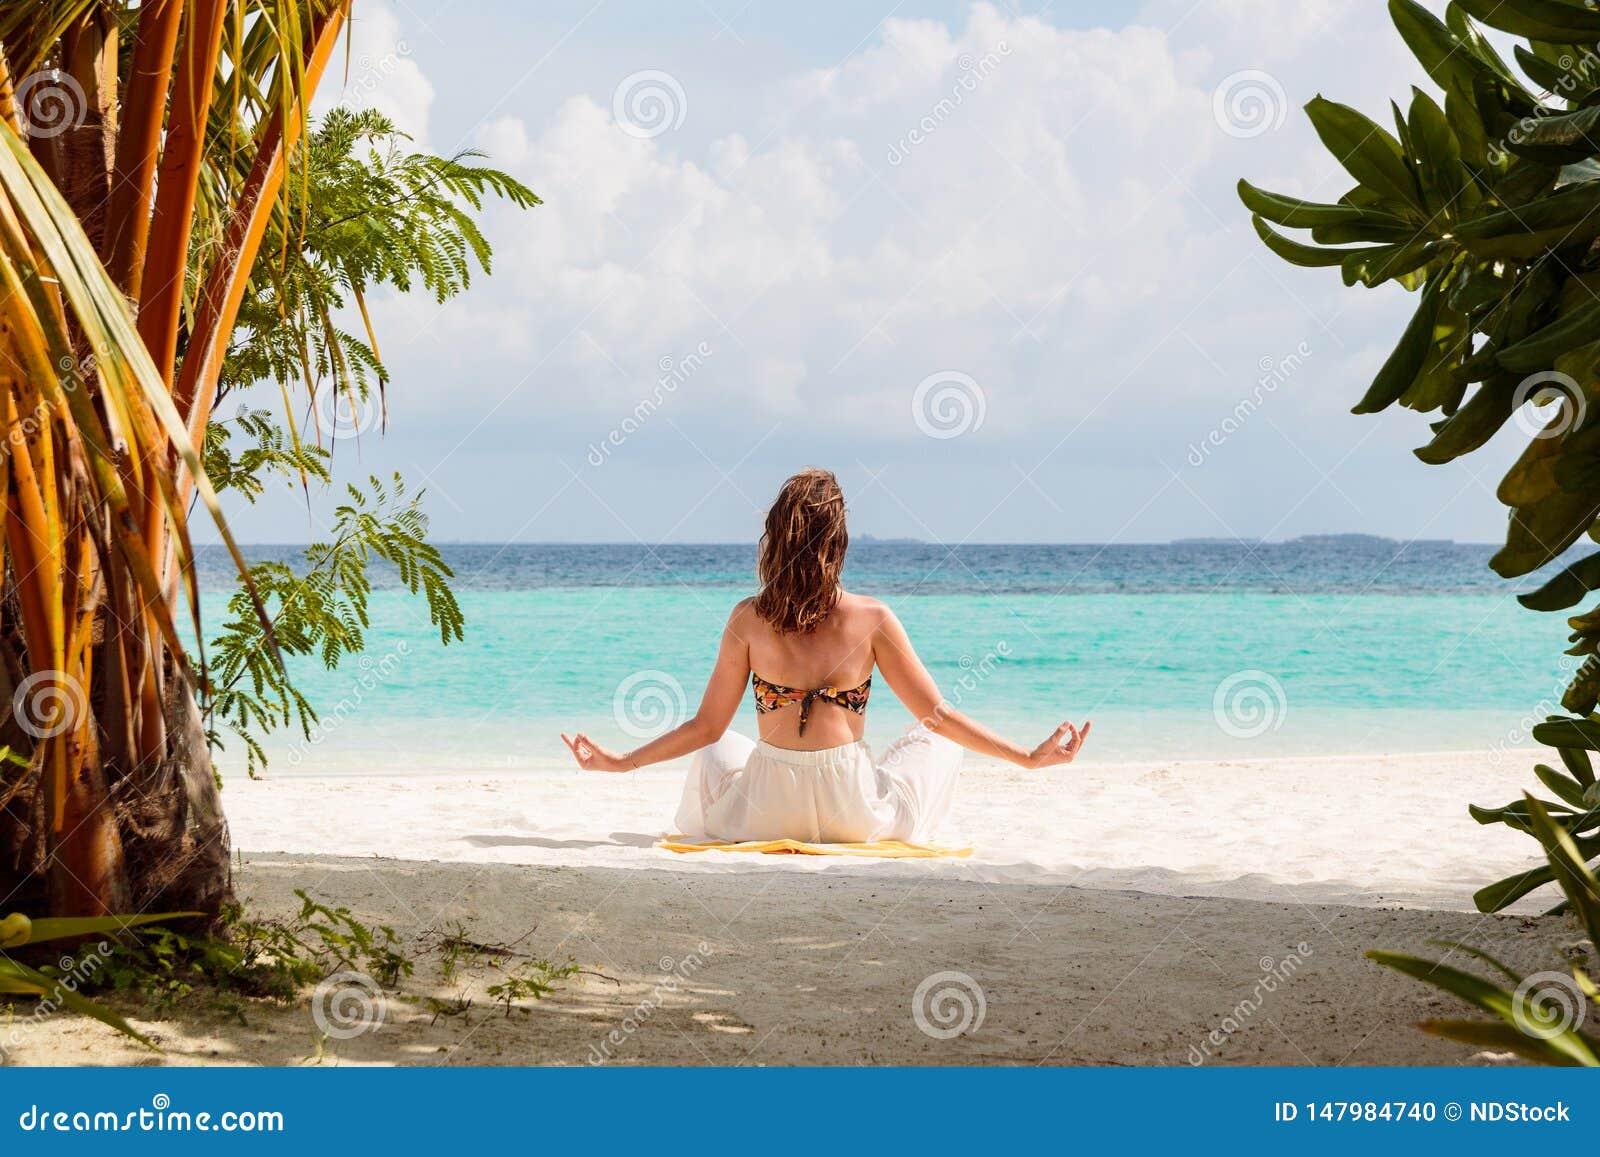 Beeld van rug van een jonge vrouw die op een strand in de Maldiven mediteren